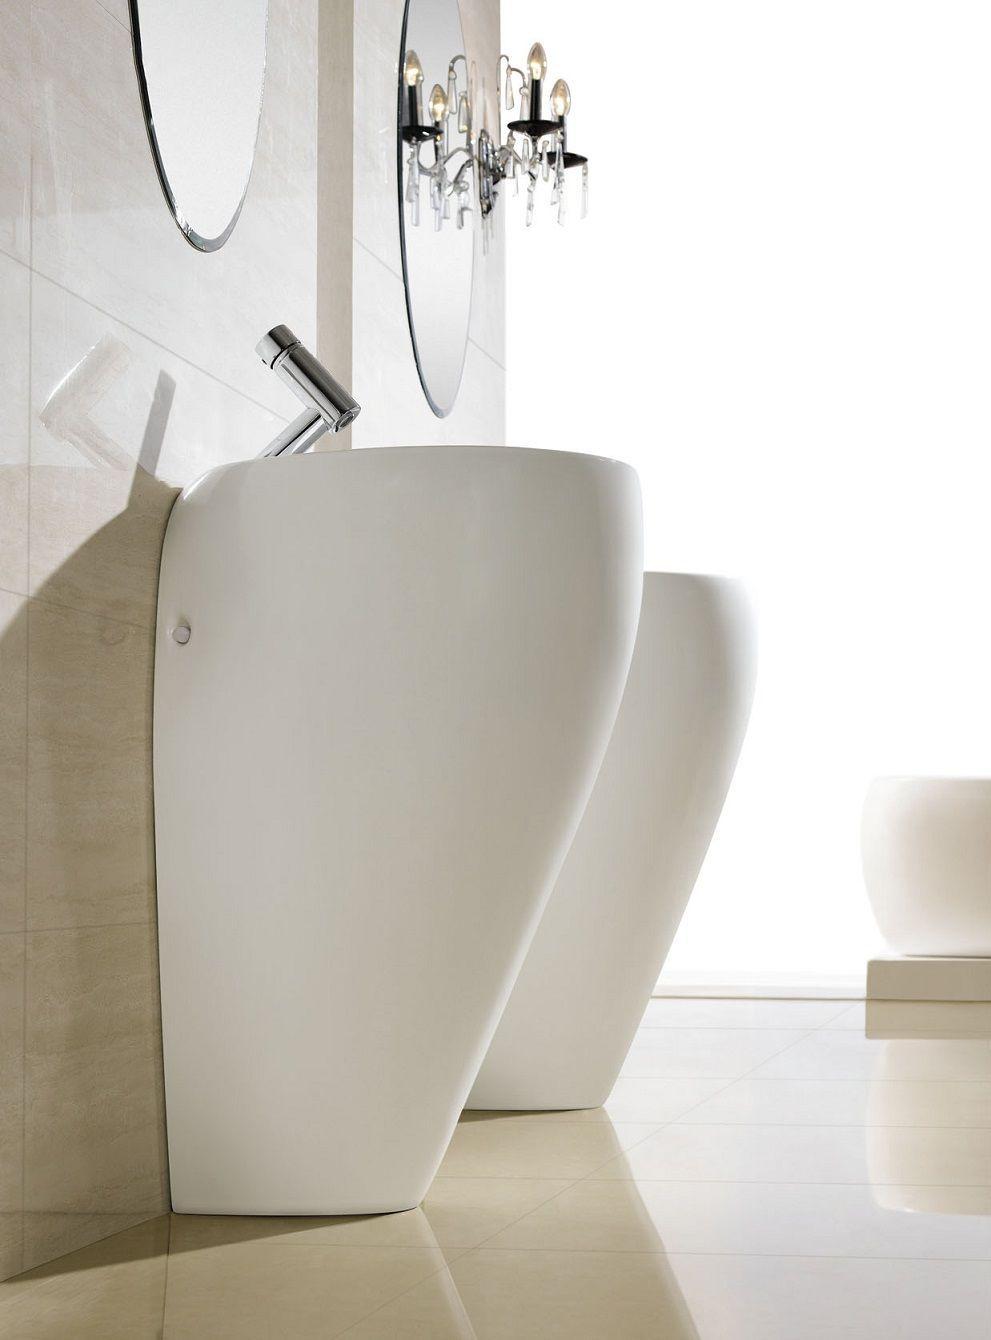 Modern Bathroom Pedestal Sink - Cerchio  Pedestal sink, Modern